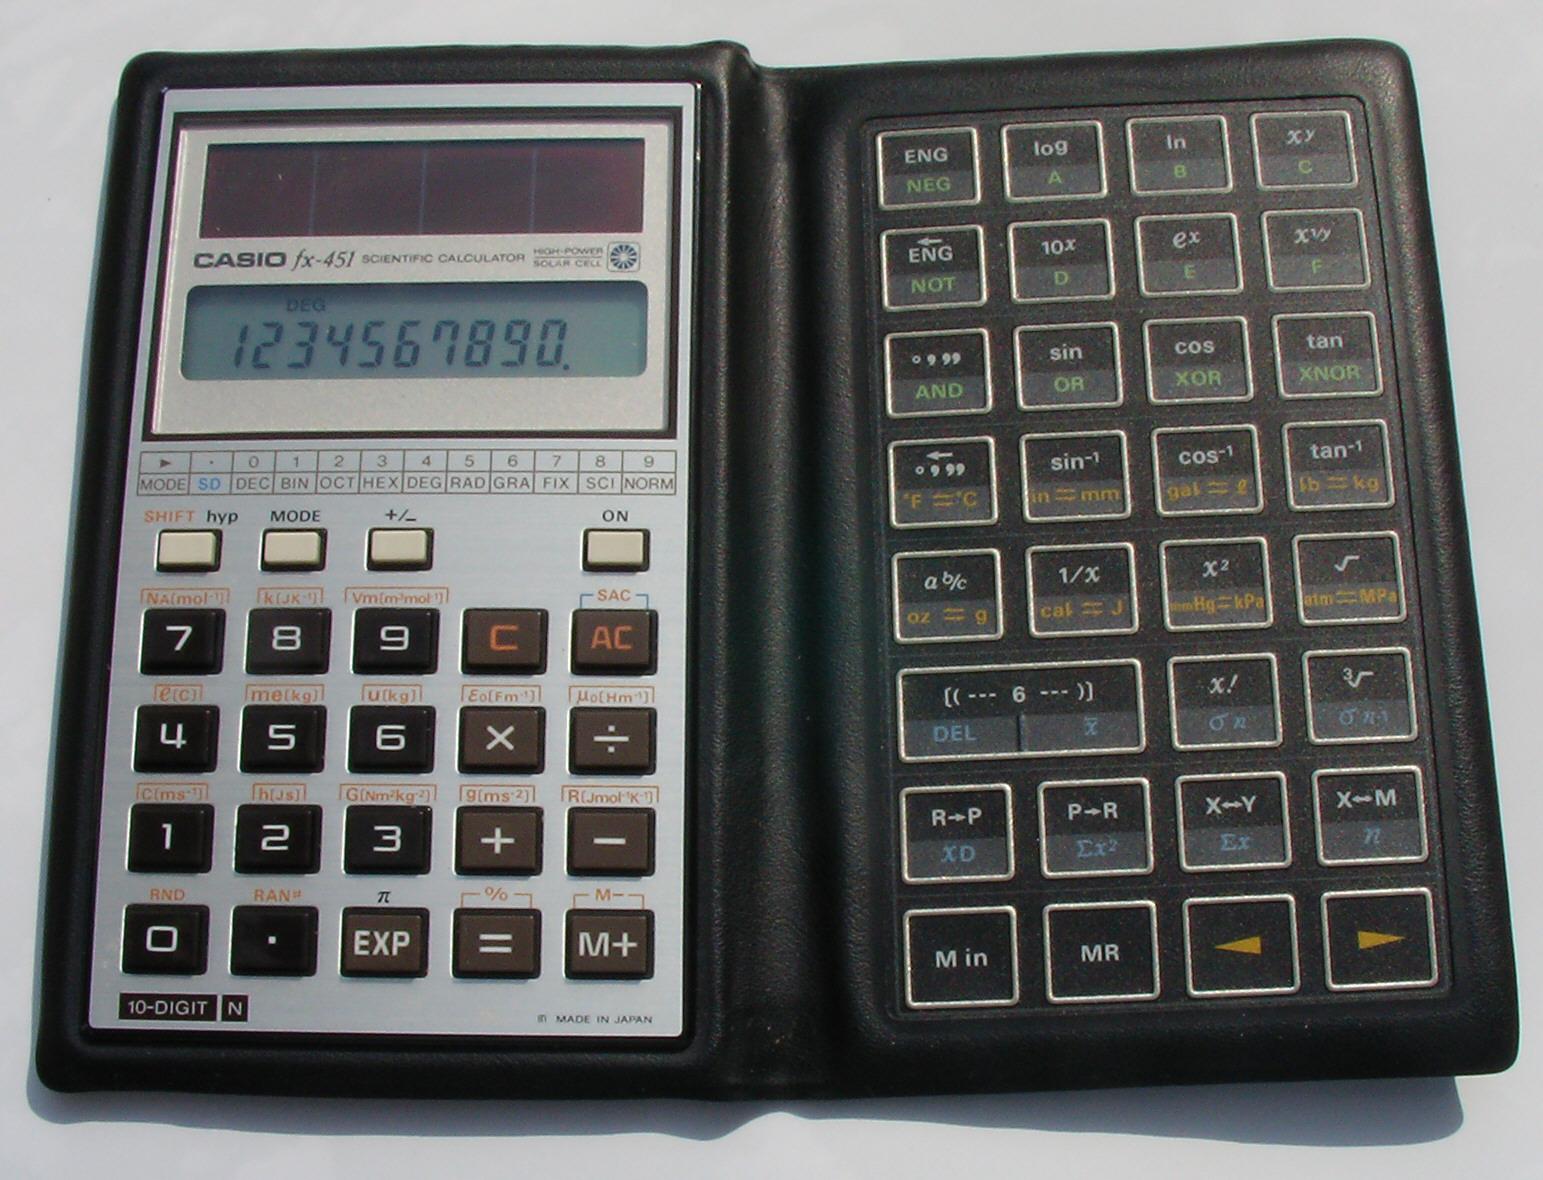 Casio fx451 owner's manual immediate download.